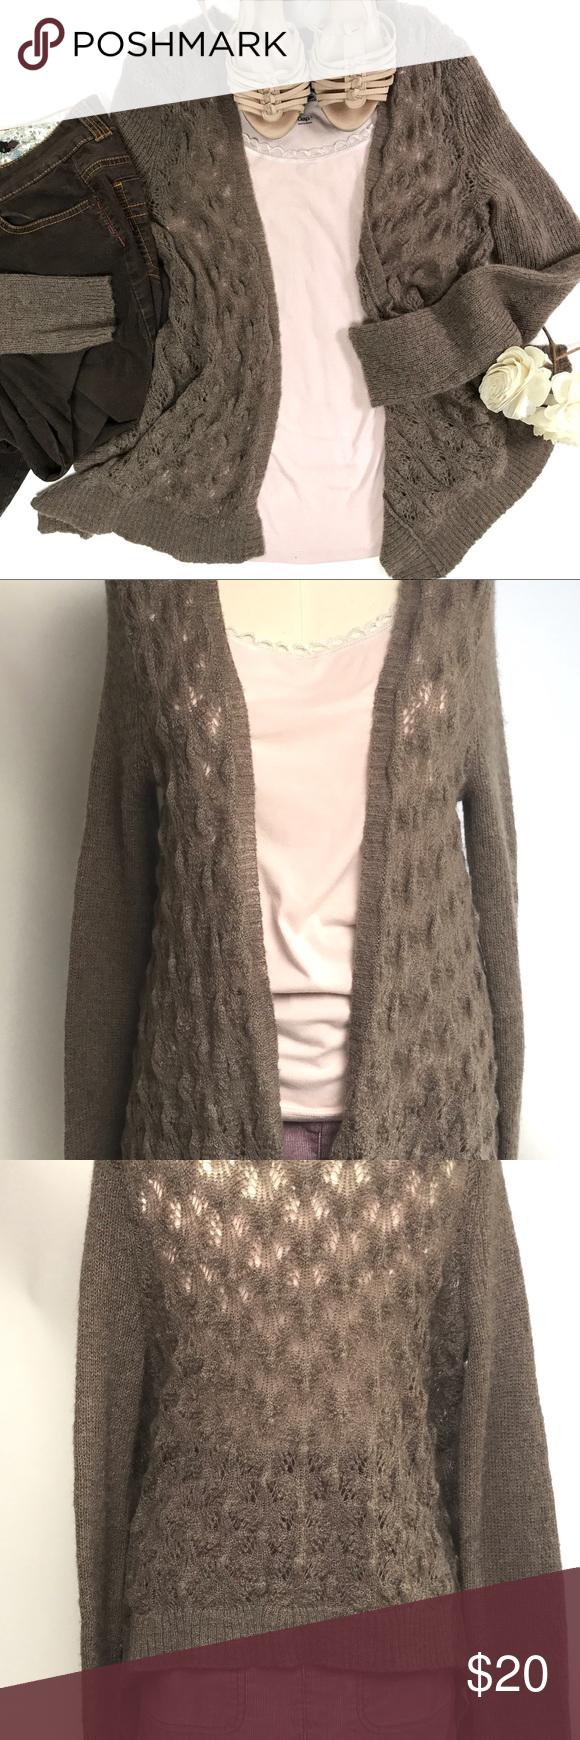 LC Lauren Conrad Brown Flyaway Cardigan Sweater Excellent ...